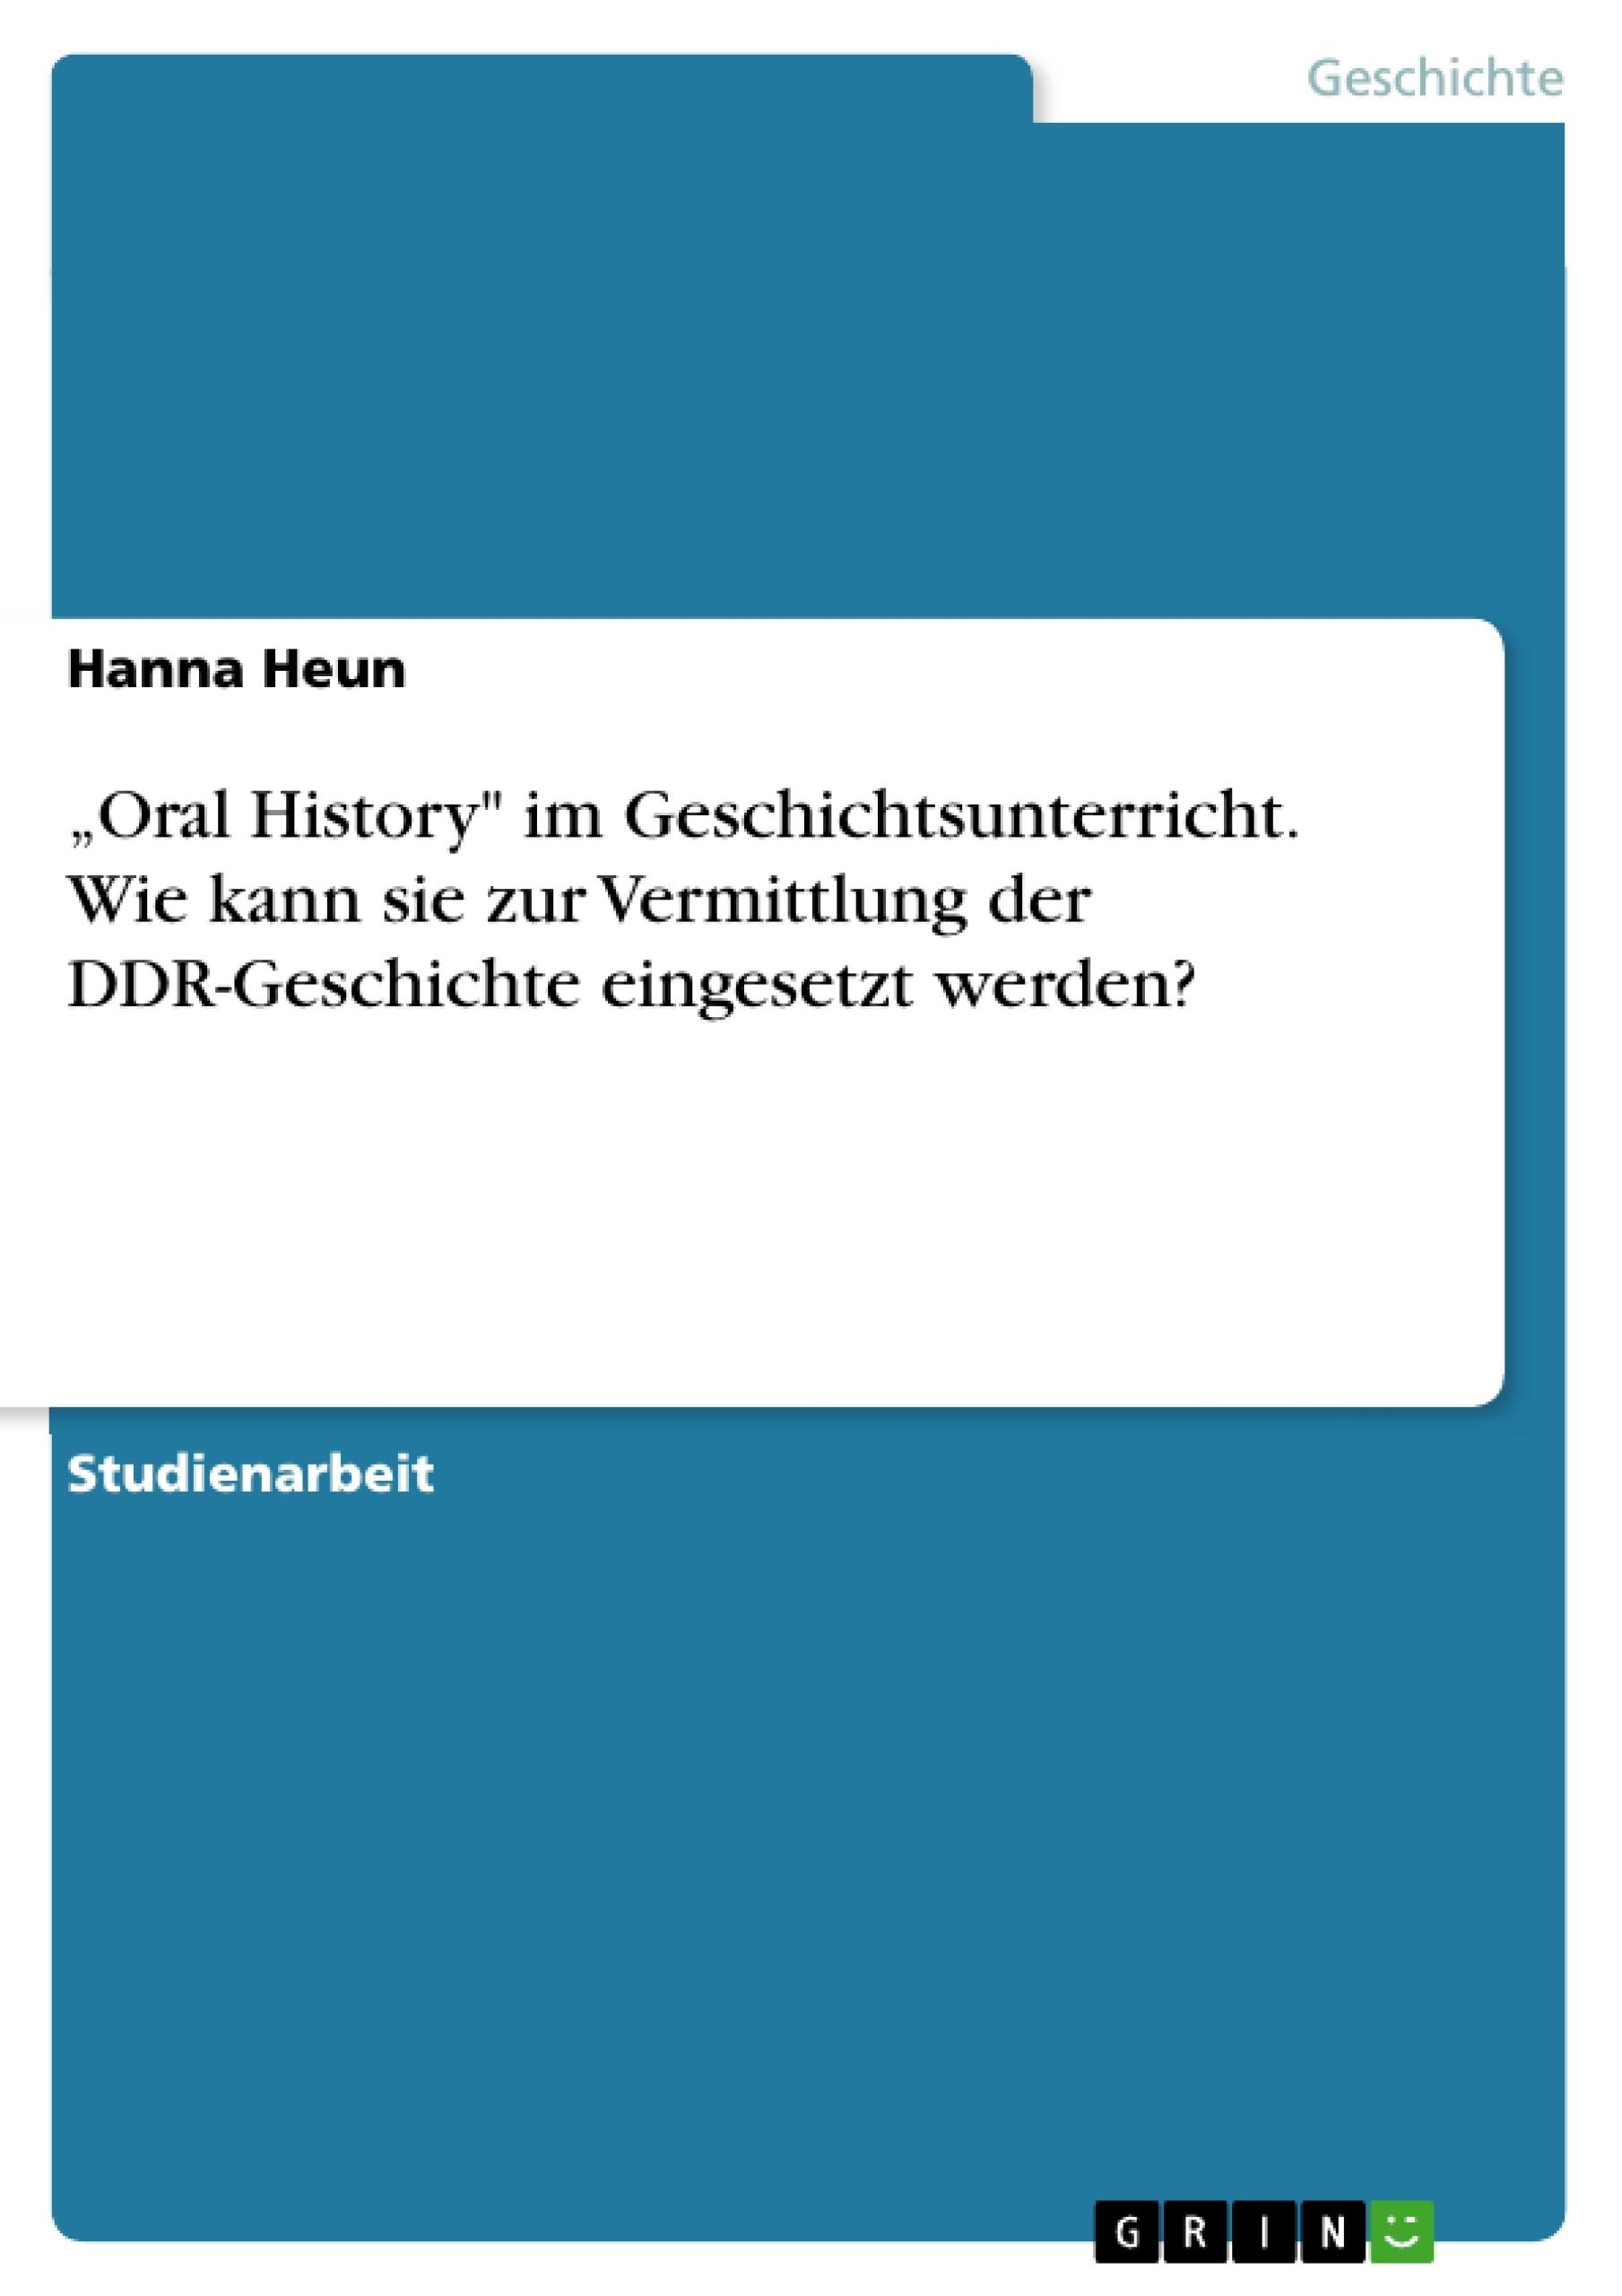 """Titel: """"Oral History"""" im Geschichtsunterricht. Wie kann sie zur Vermittlung der DDR-Geschichte eingesetzt werden?"""